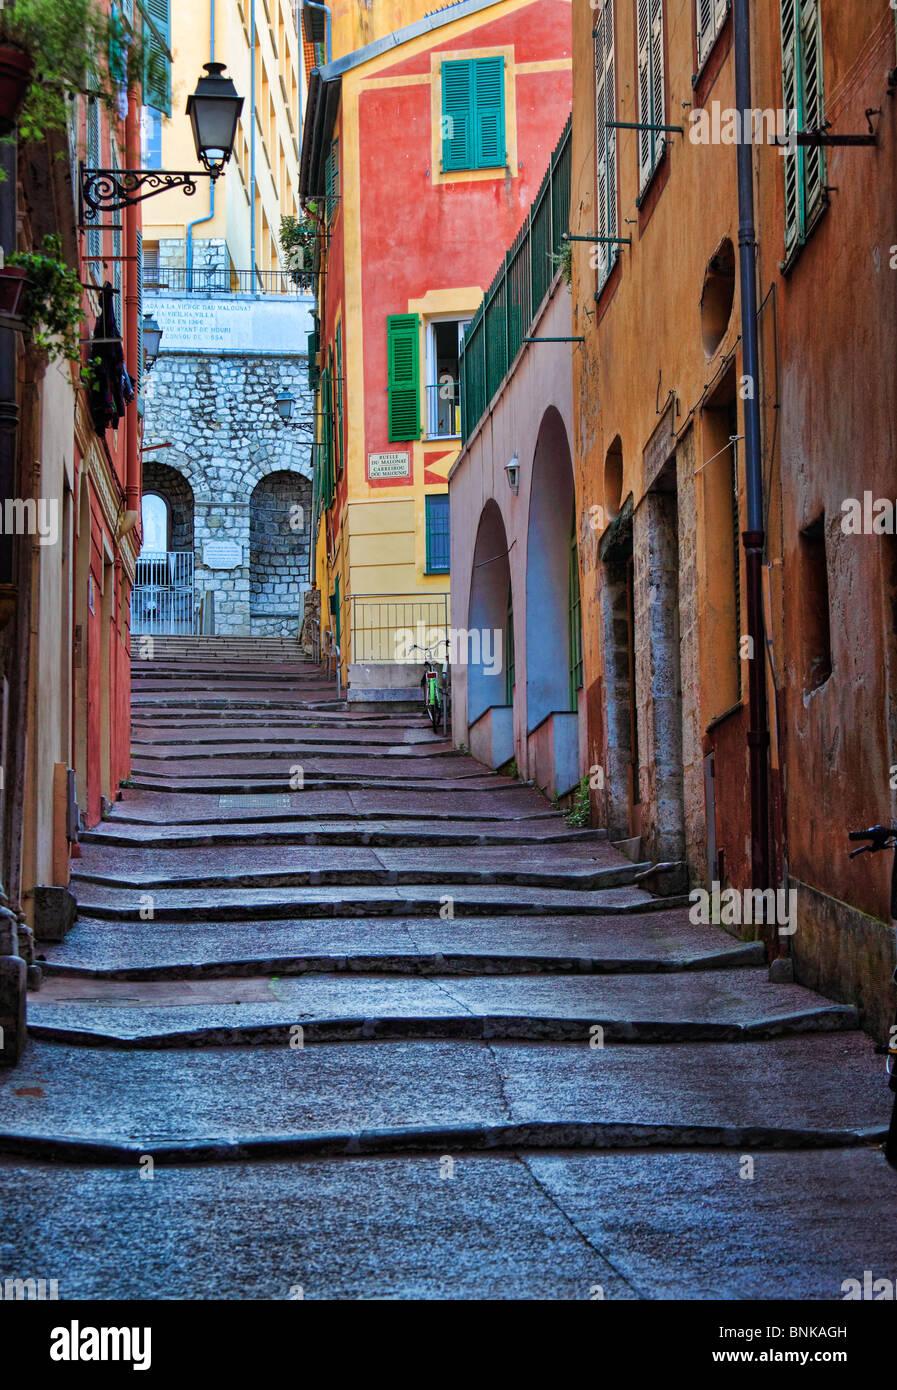 Scena di strada in la Vieille Ville (città vecchia) parte di Nizza sulla Costa Azzurra (Cote d'Azur) Immagini Stock